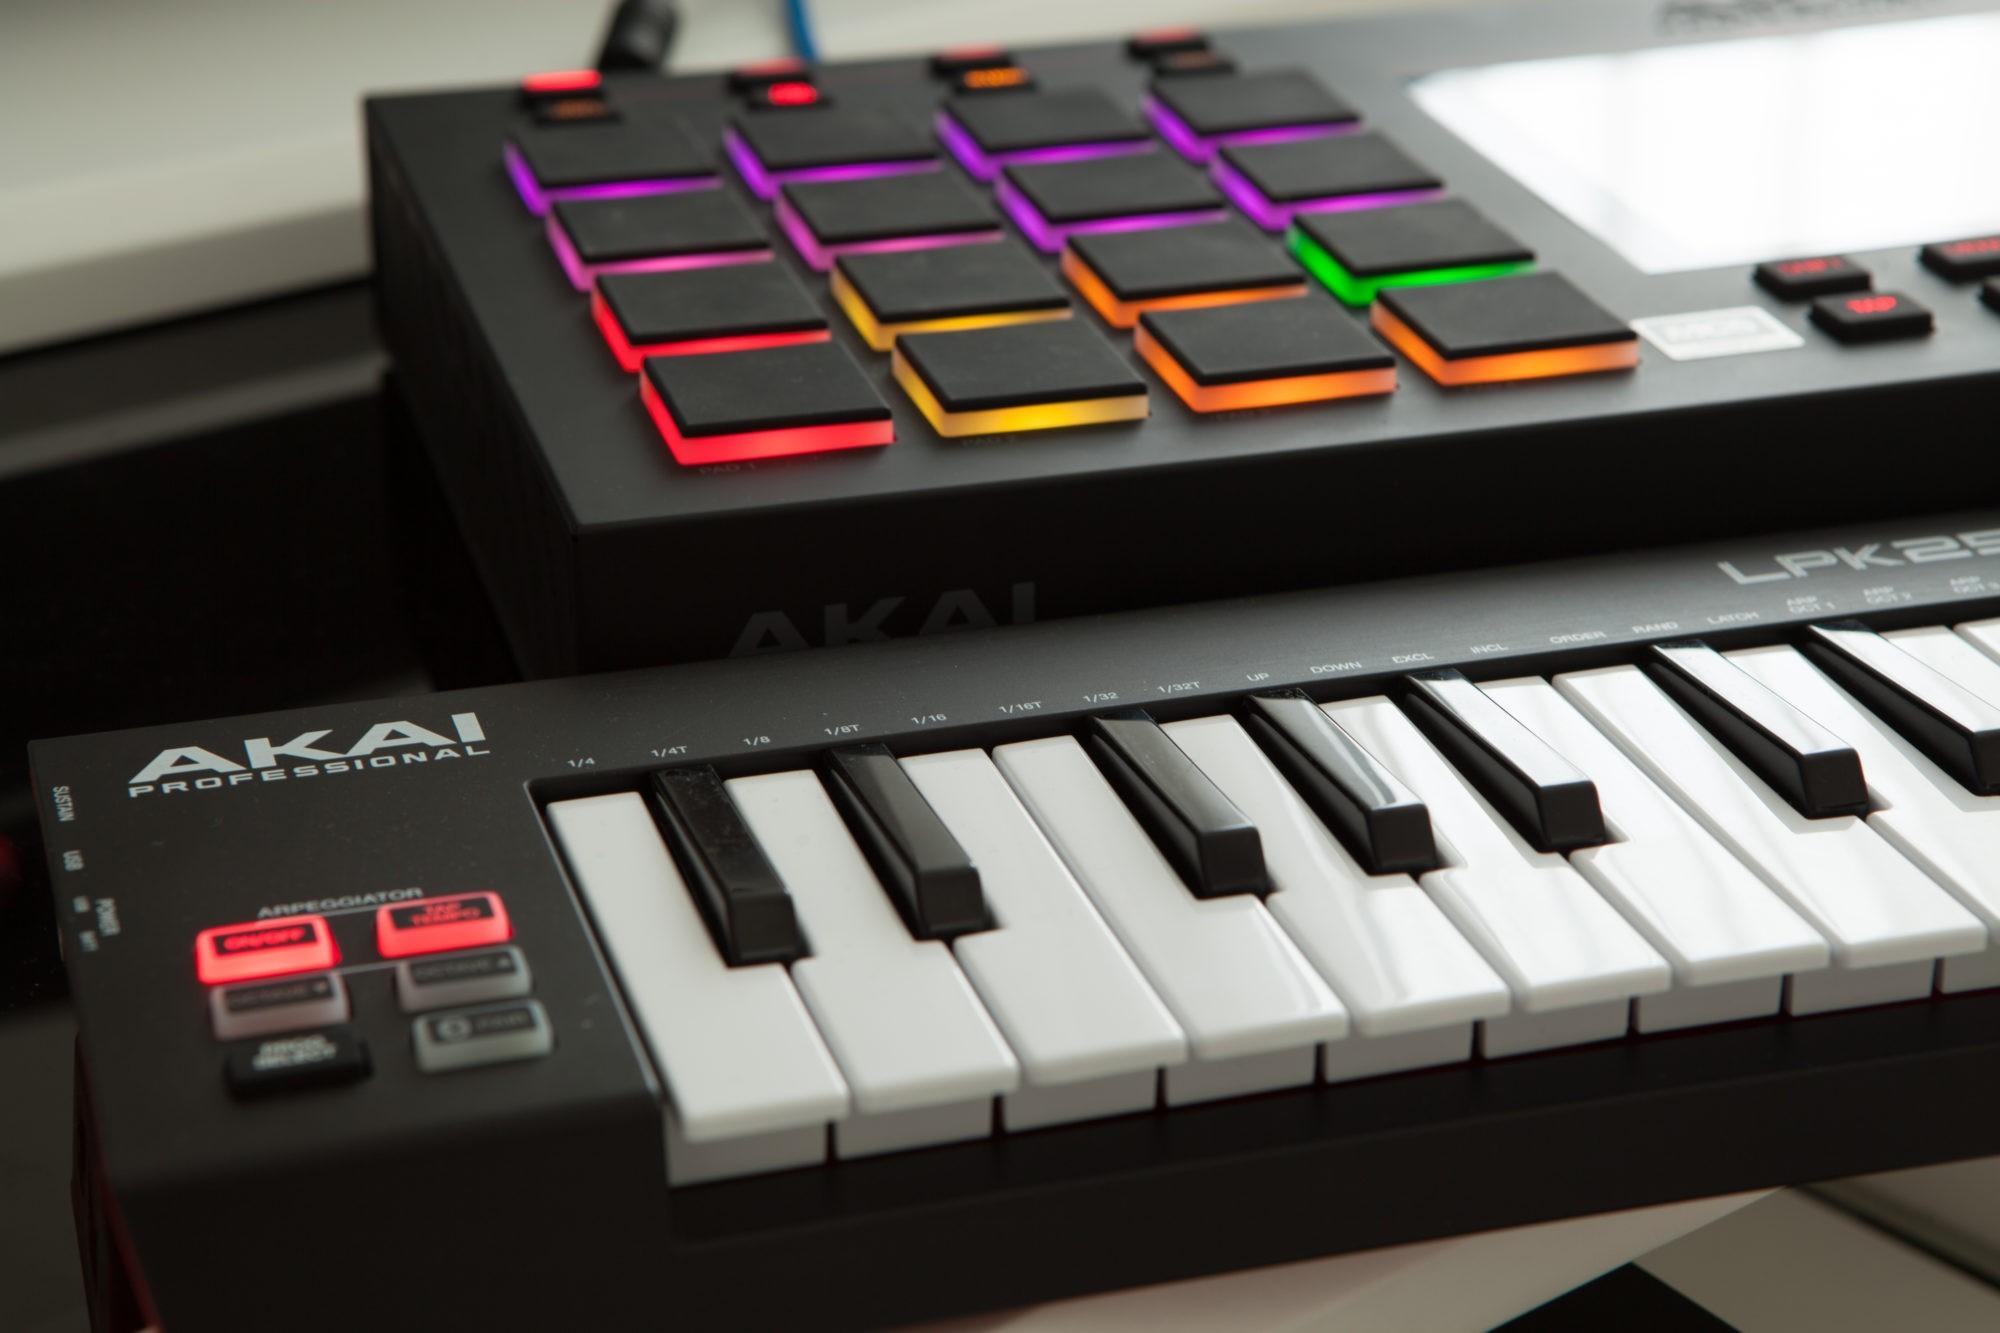 Musikproduktion, Midikeyboard, Drumpads, STRAINX